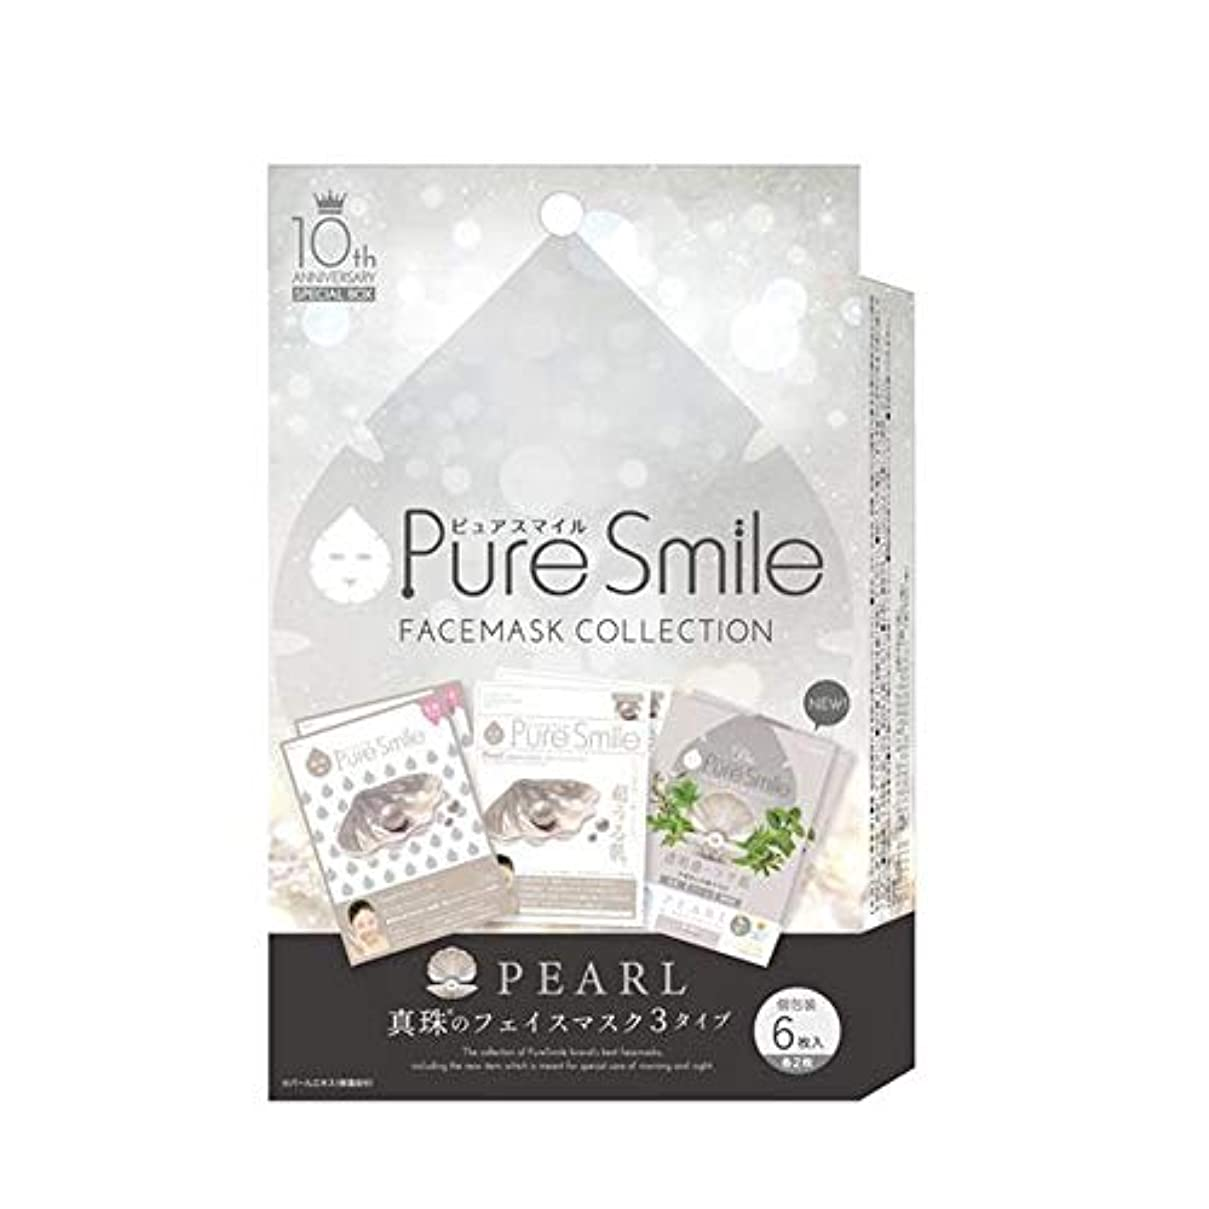 ラバ背骨乱すピュア スマイル Pure Smile 10thアニバーサリー スペシャルボックス 真珠 6枚入り